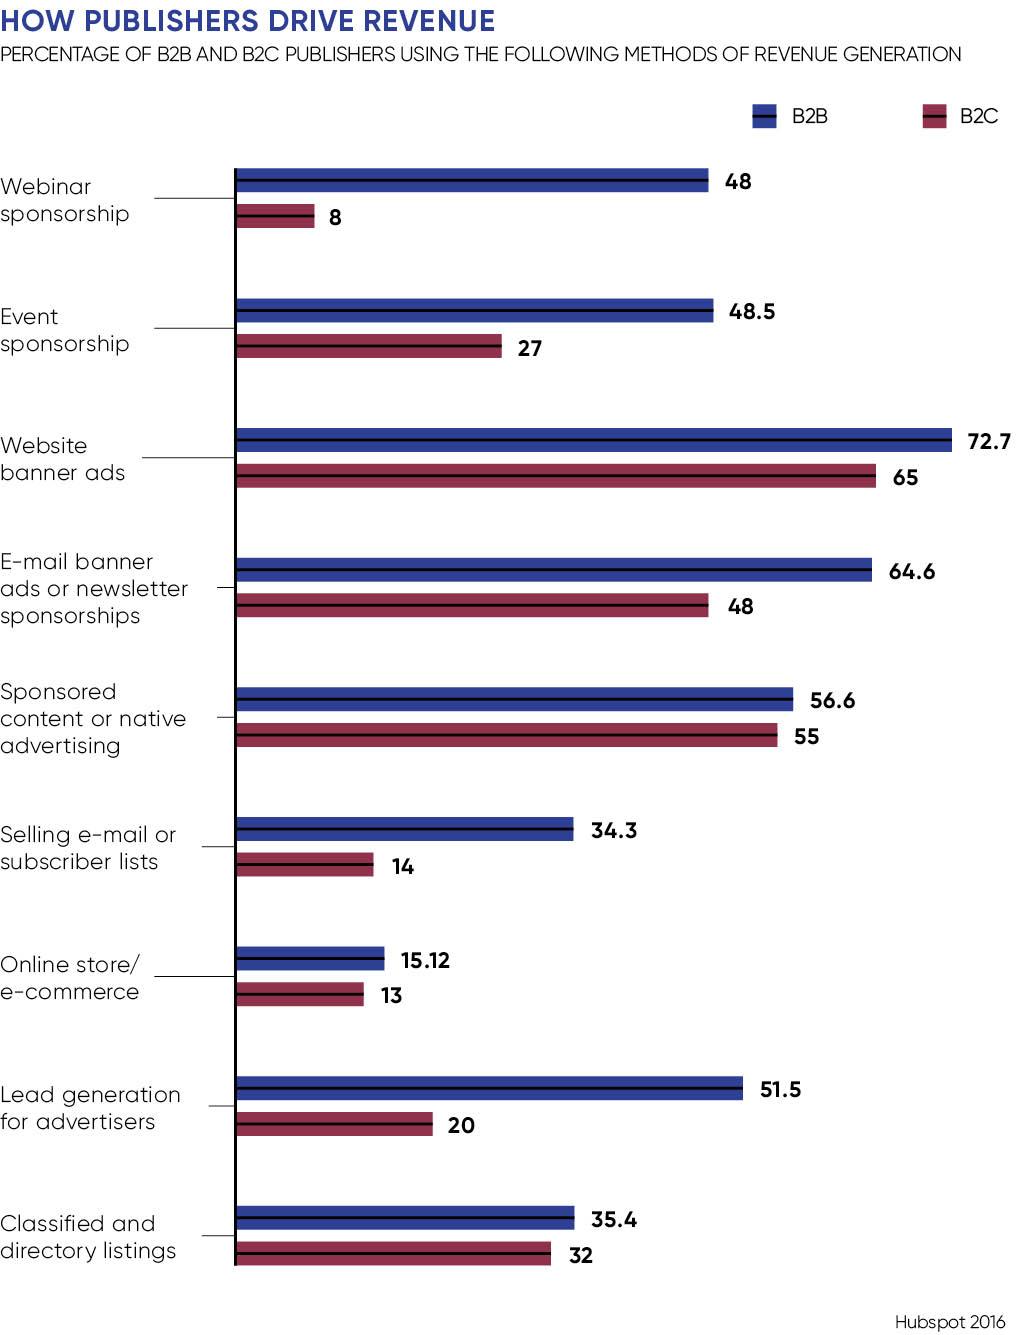 How publishers drive revenue